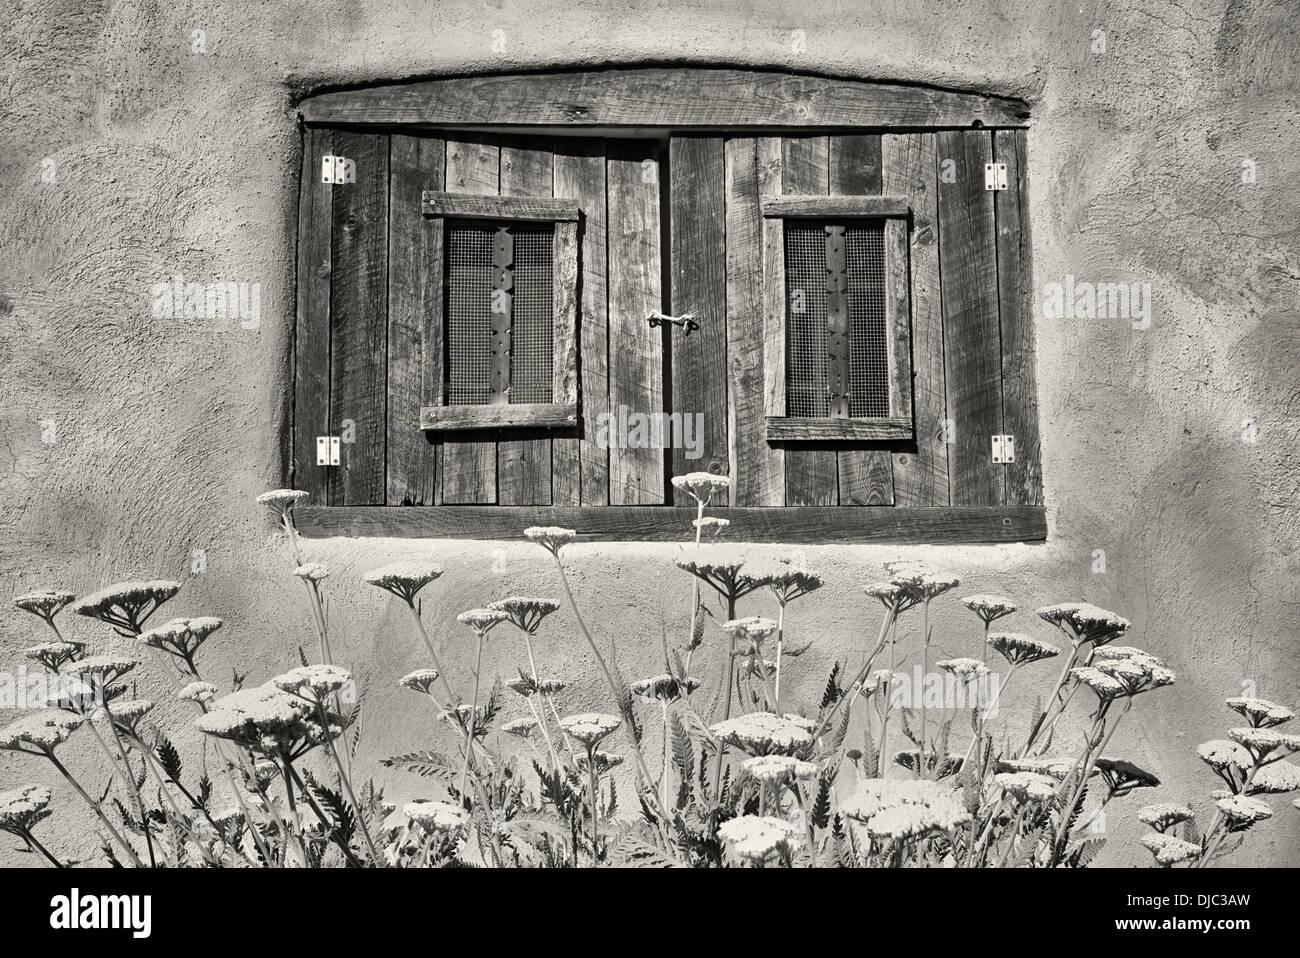 Fleurs d'achillée dans jardin avec fenêtre historique Adobe maison. Taos, Nouveau Mexique. Photo Stock